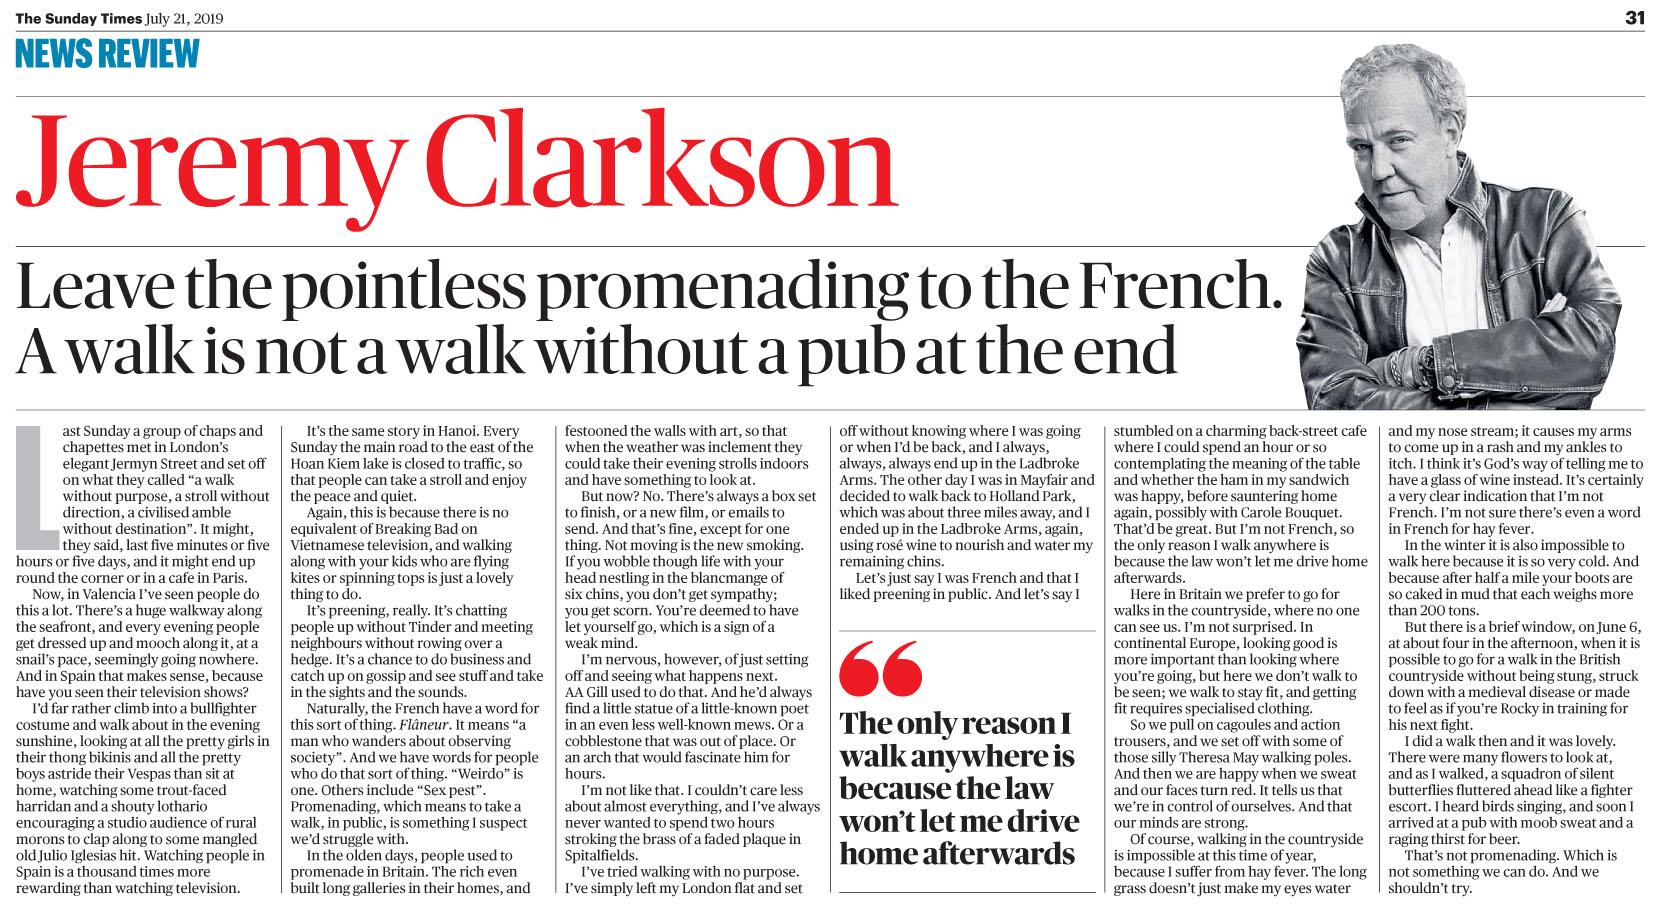 The Sunday Times UK  21 July 2019 JClarkson.jpg